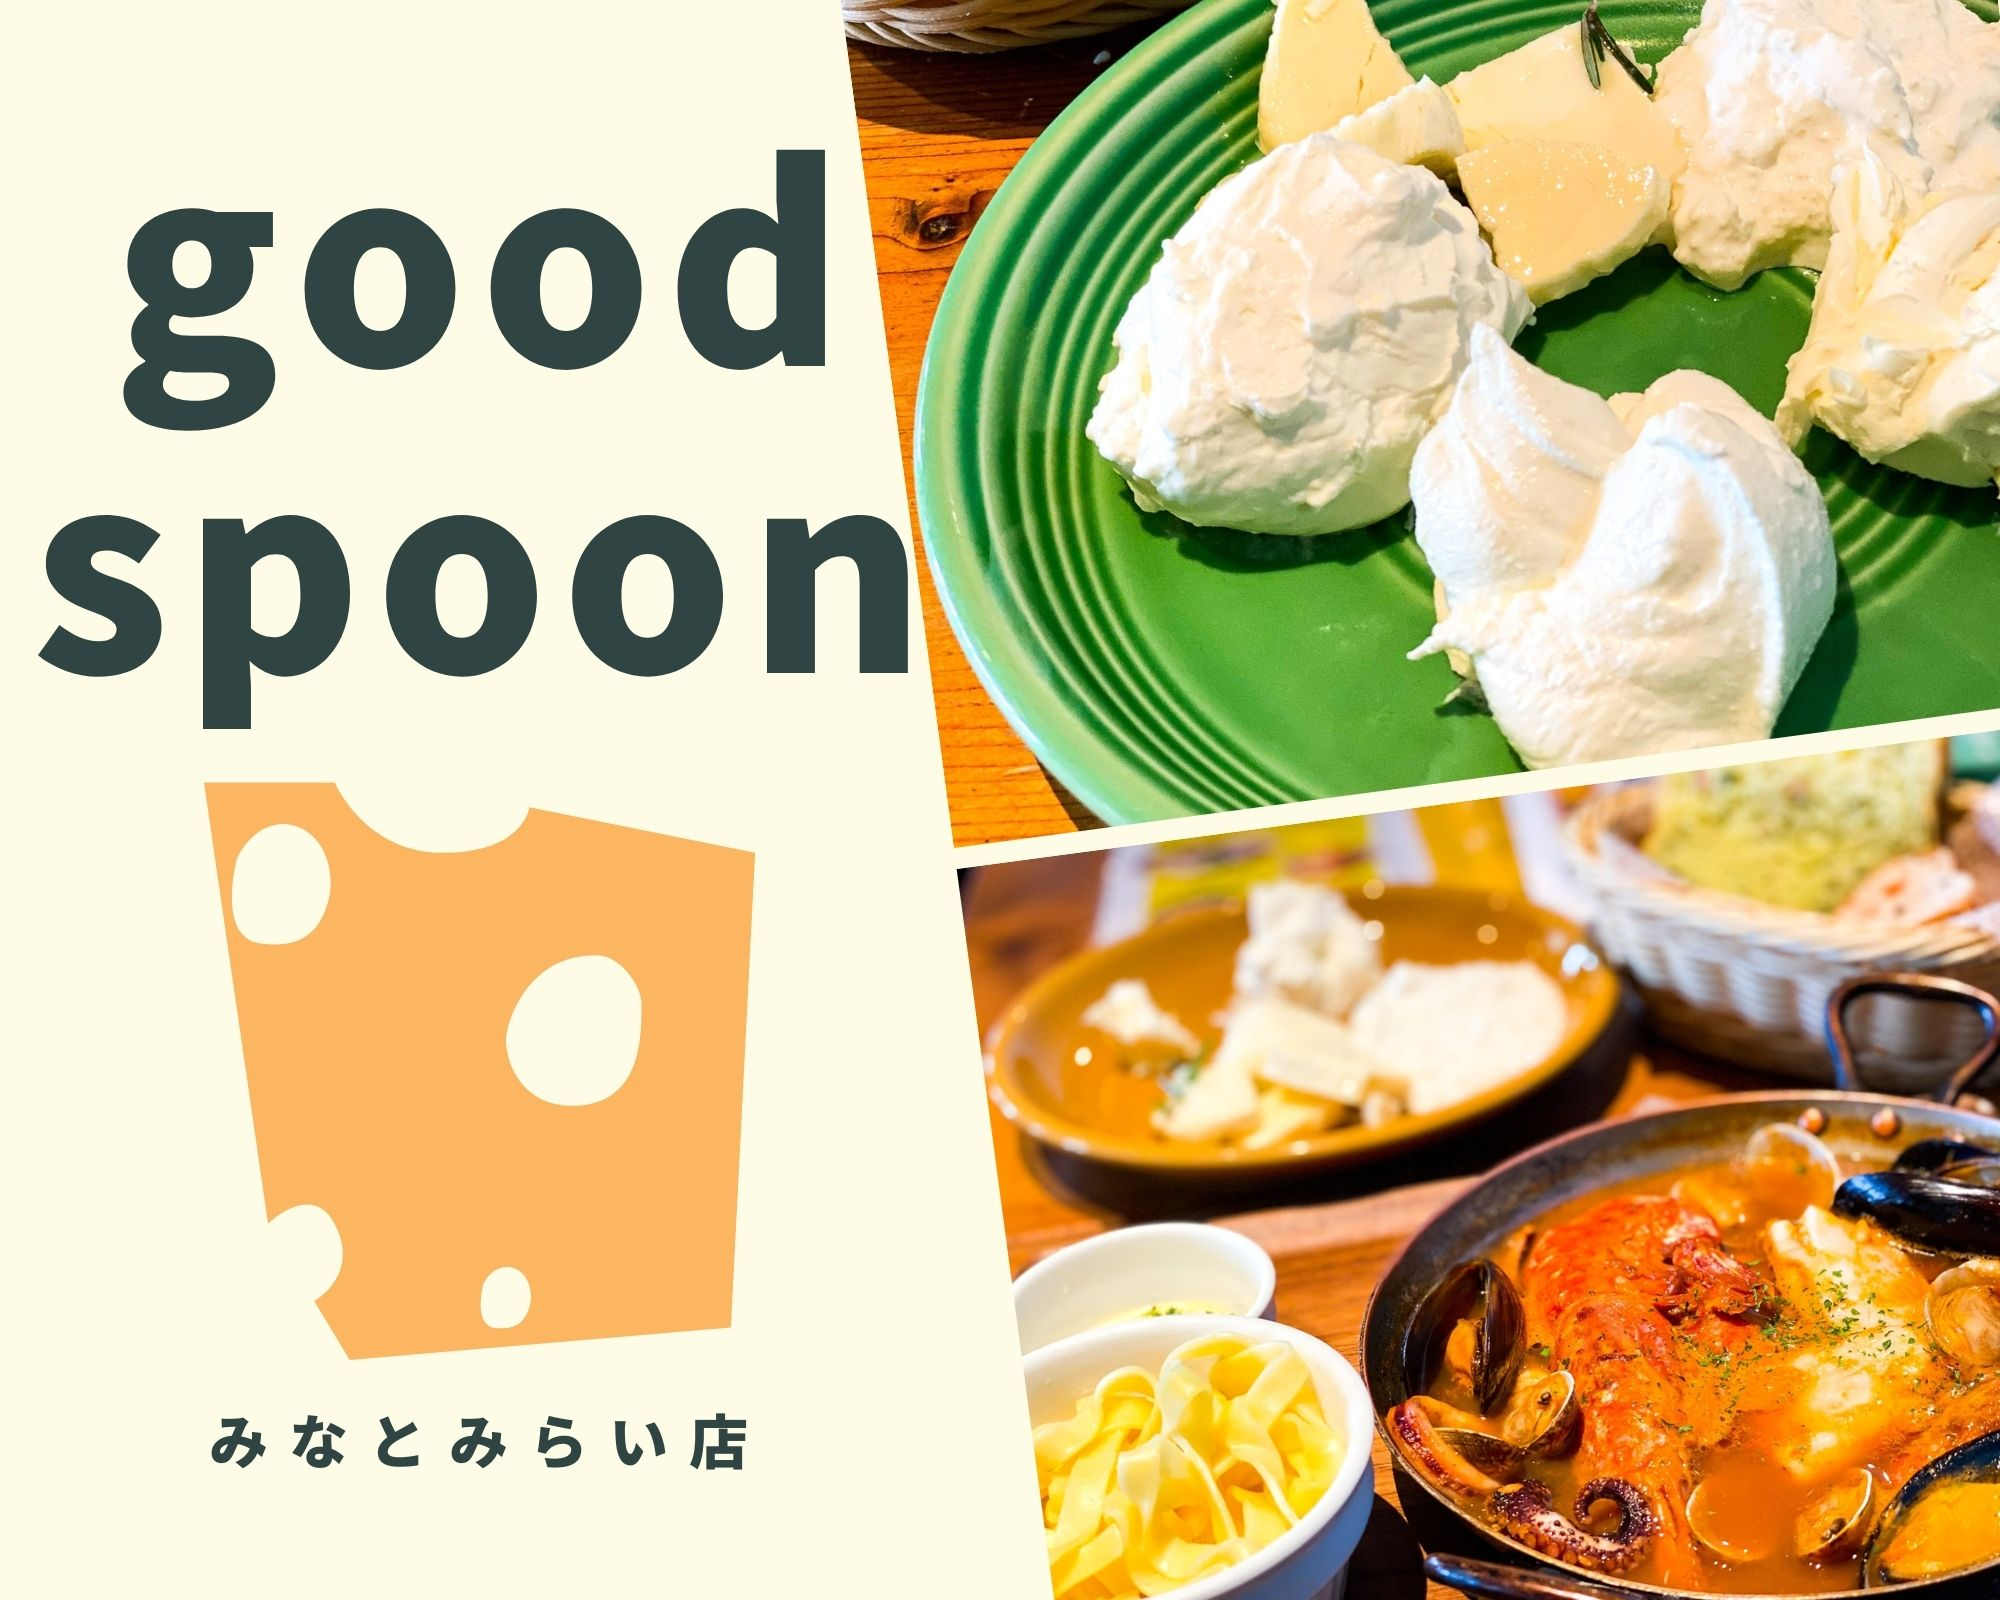 「フレッシュチーズ食べ放題」goodspoon